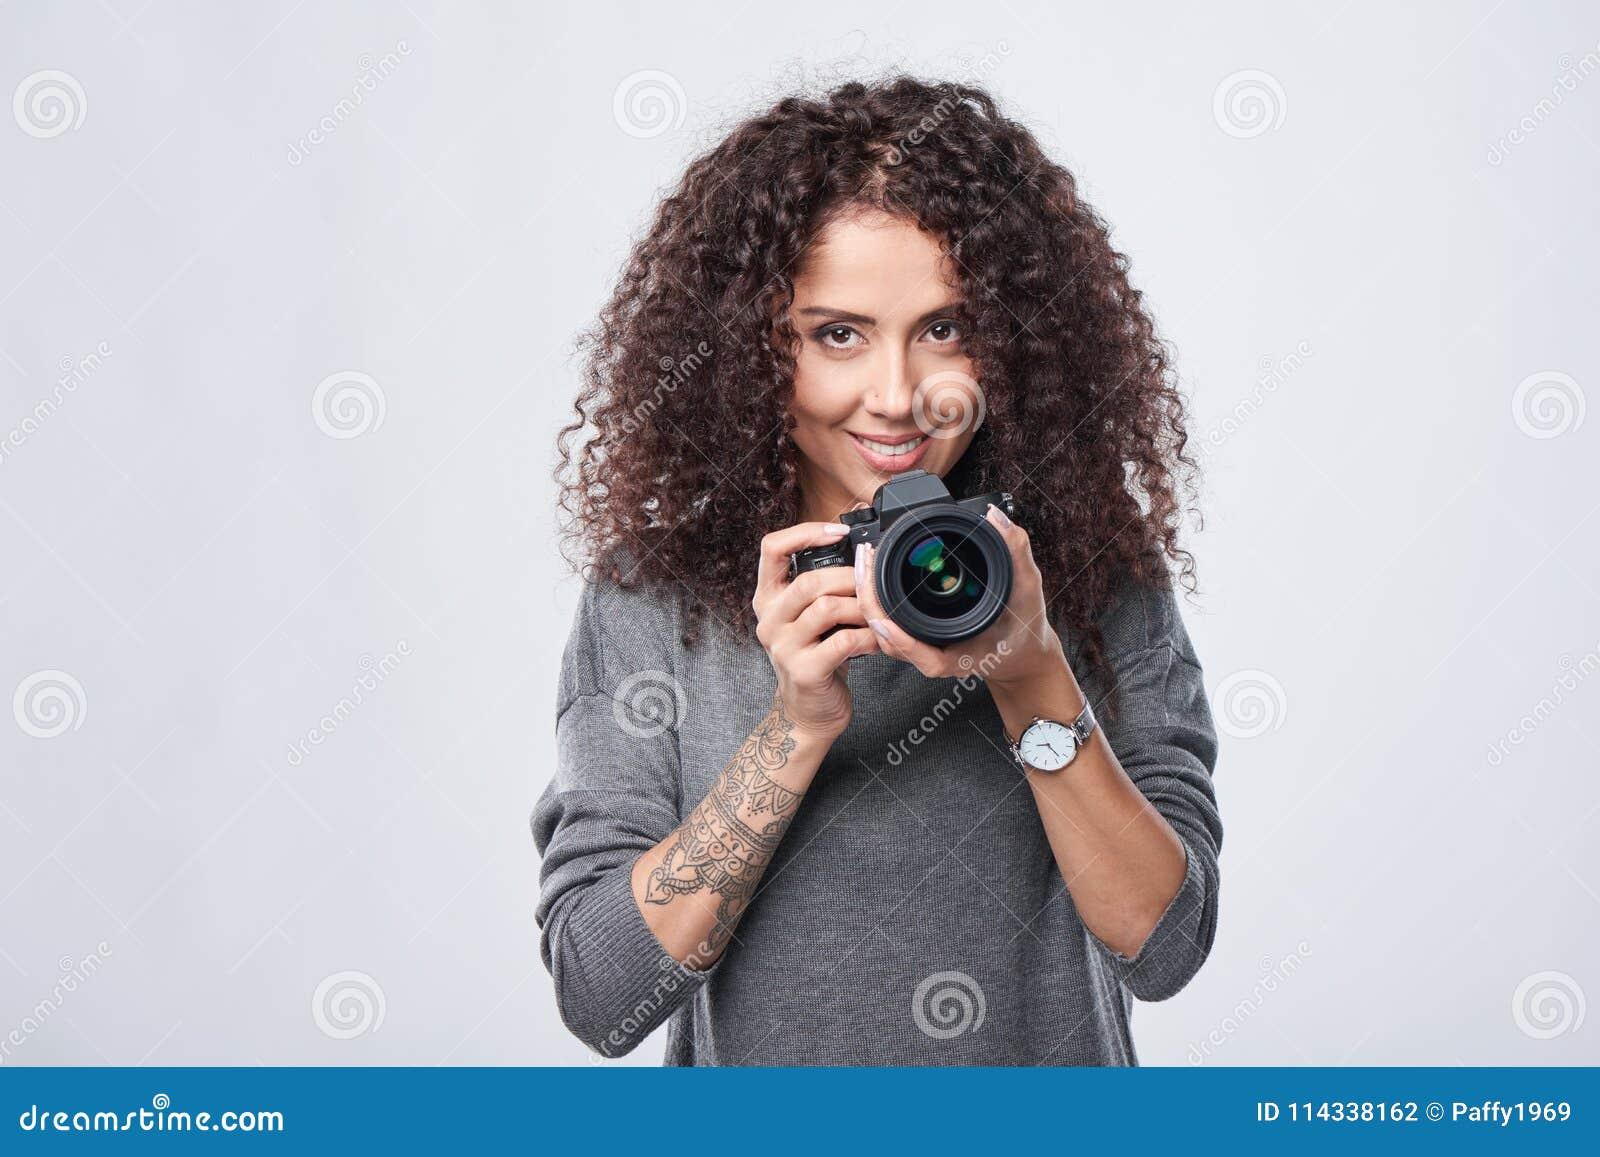 Профессиональное фото женщин — photo 2